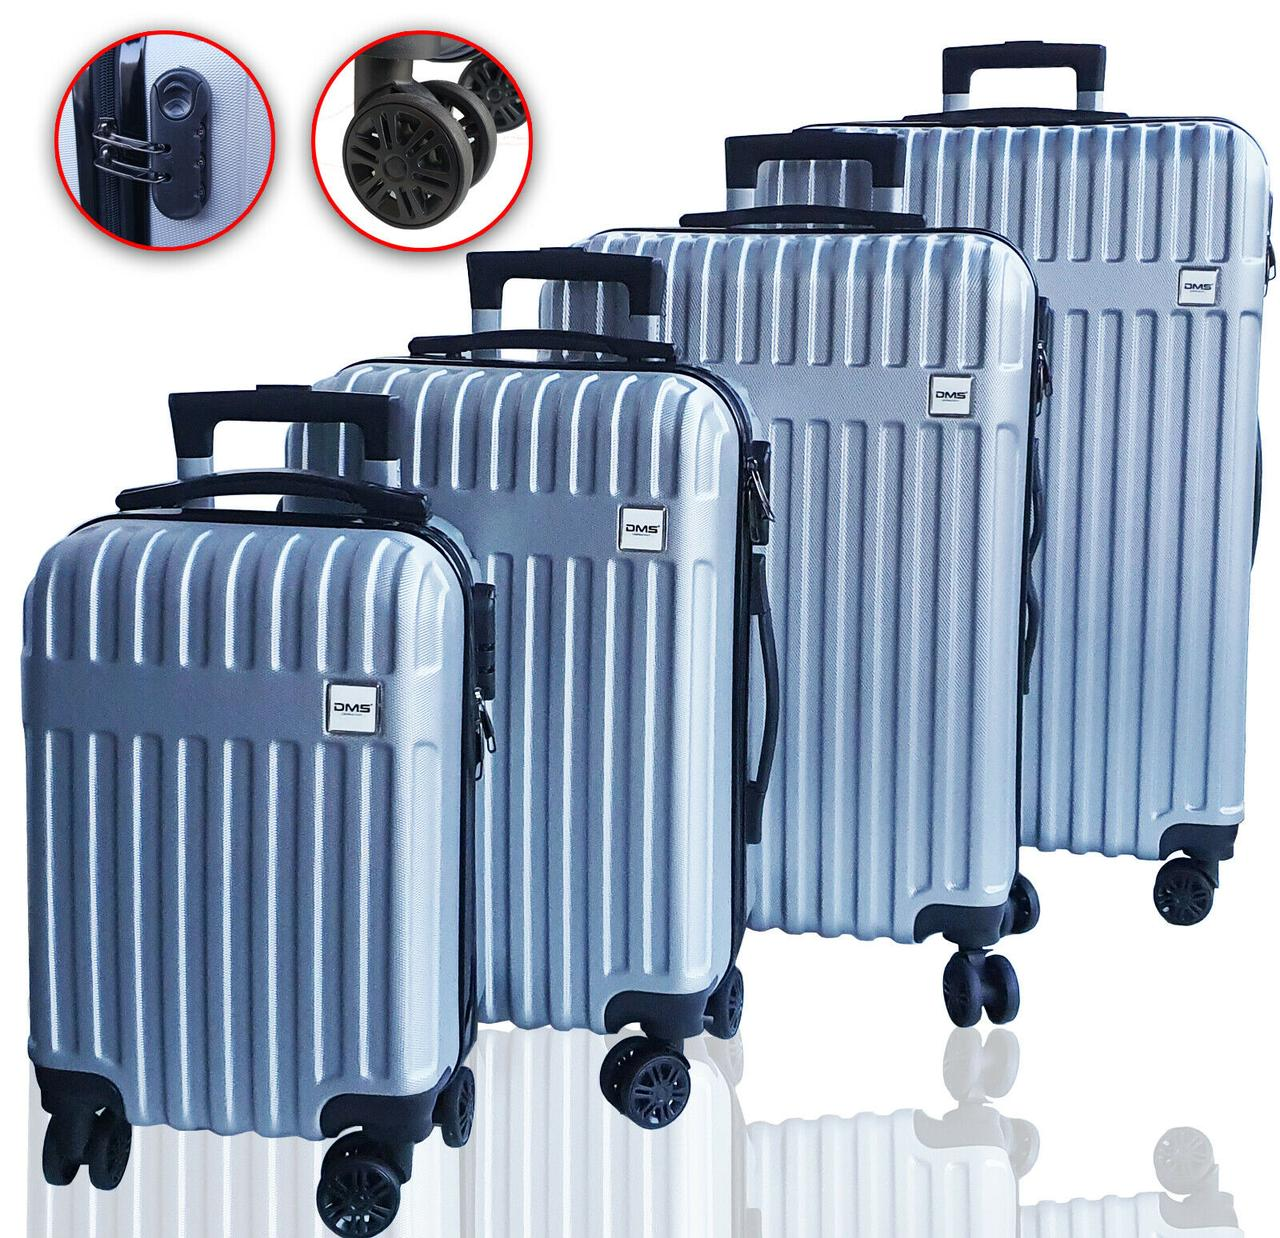 Чемоданы дорожные DMS с тележкой, комплект 4шт S-M-L-XL серий Silver